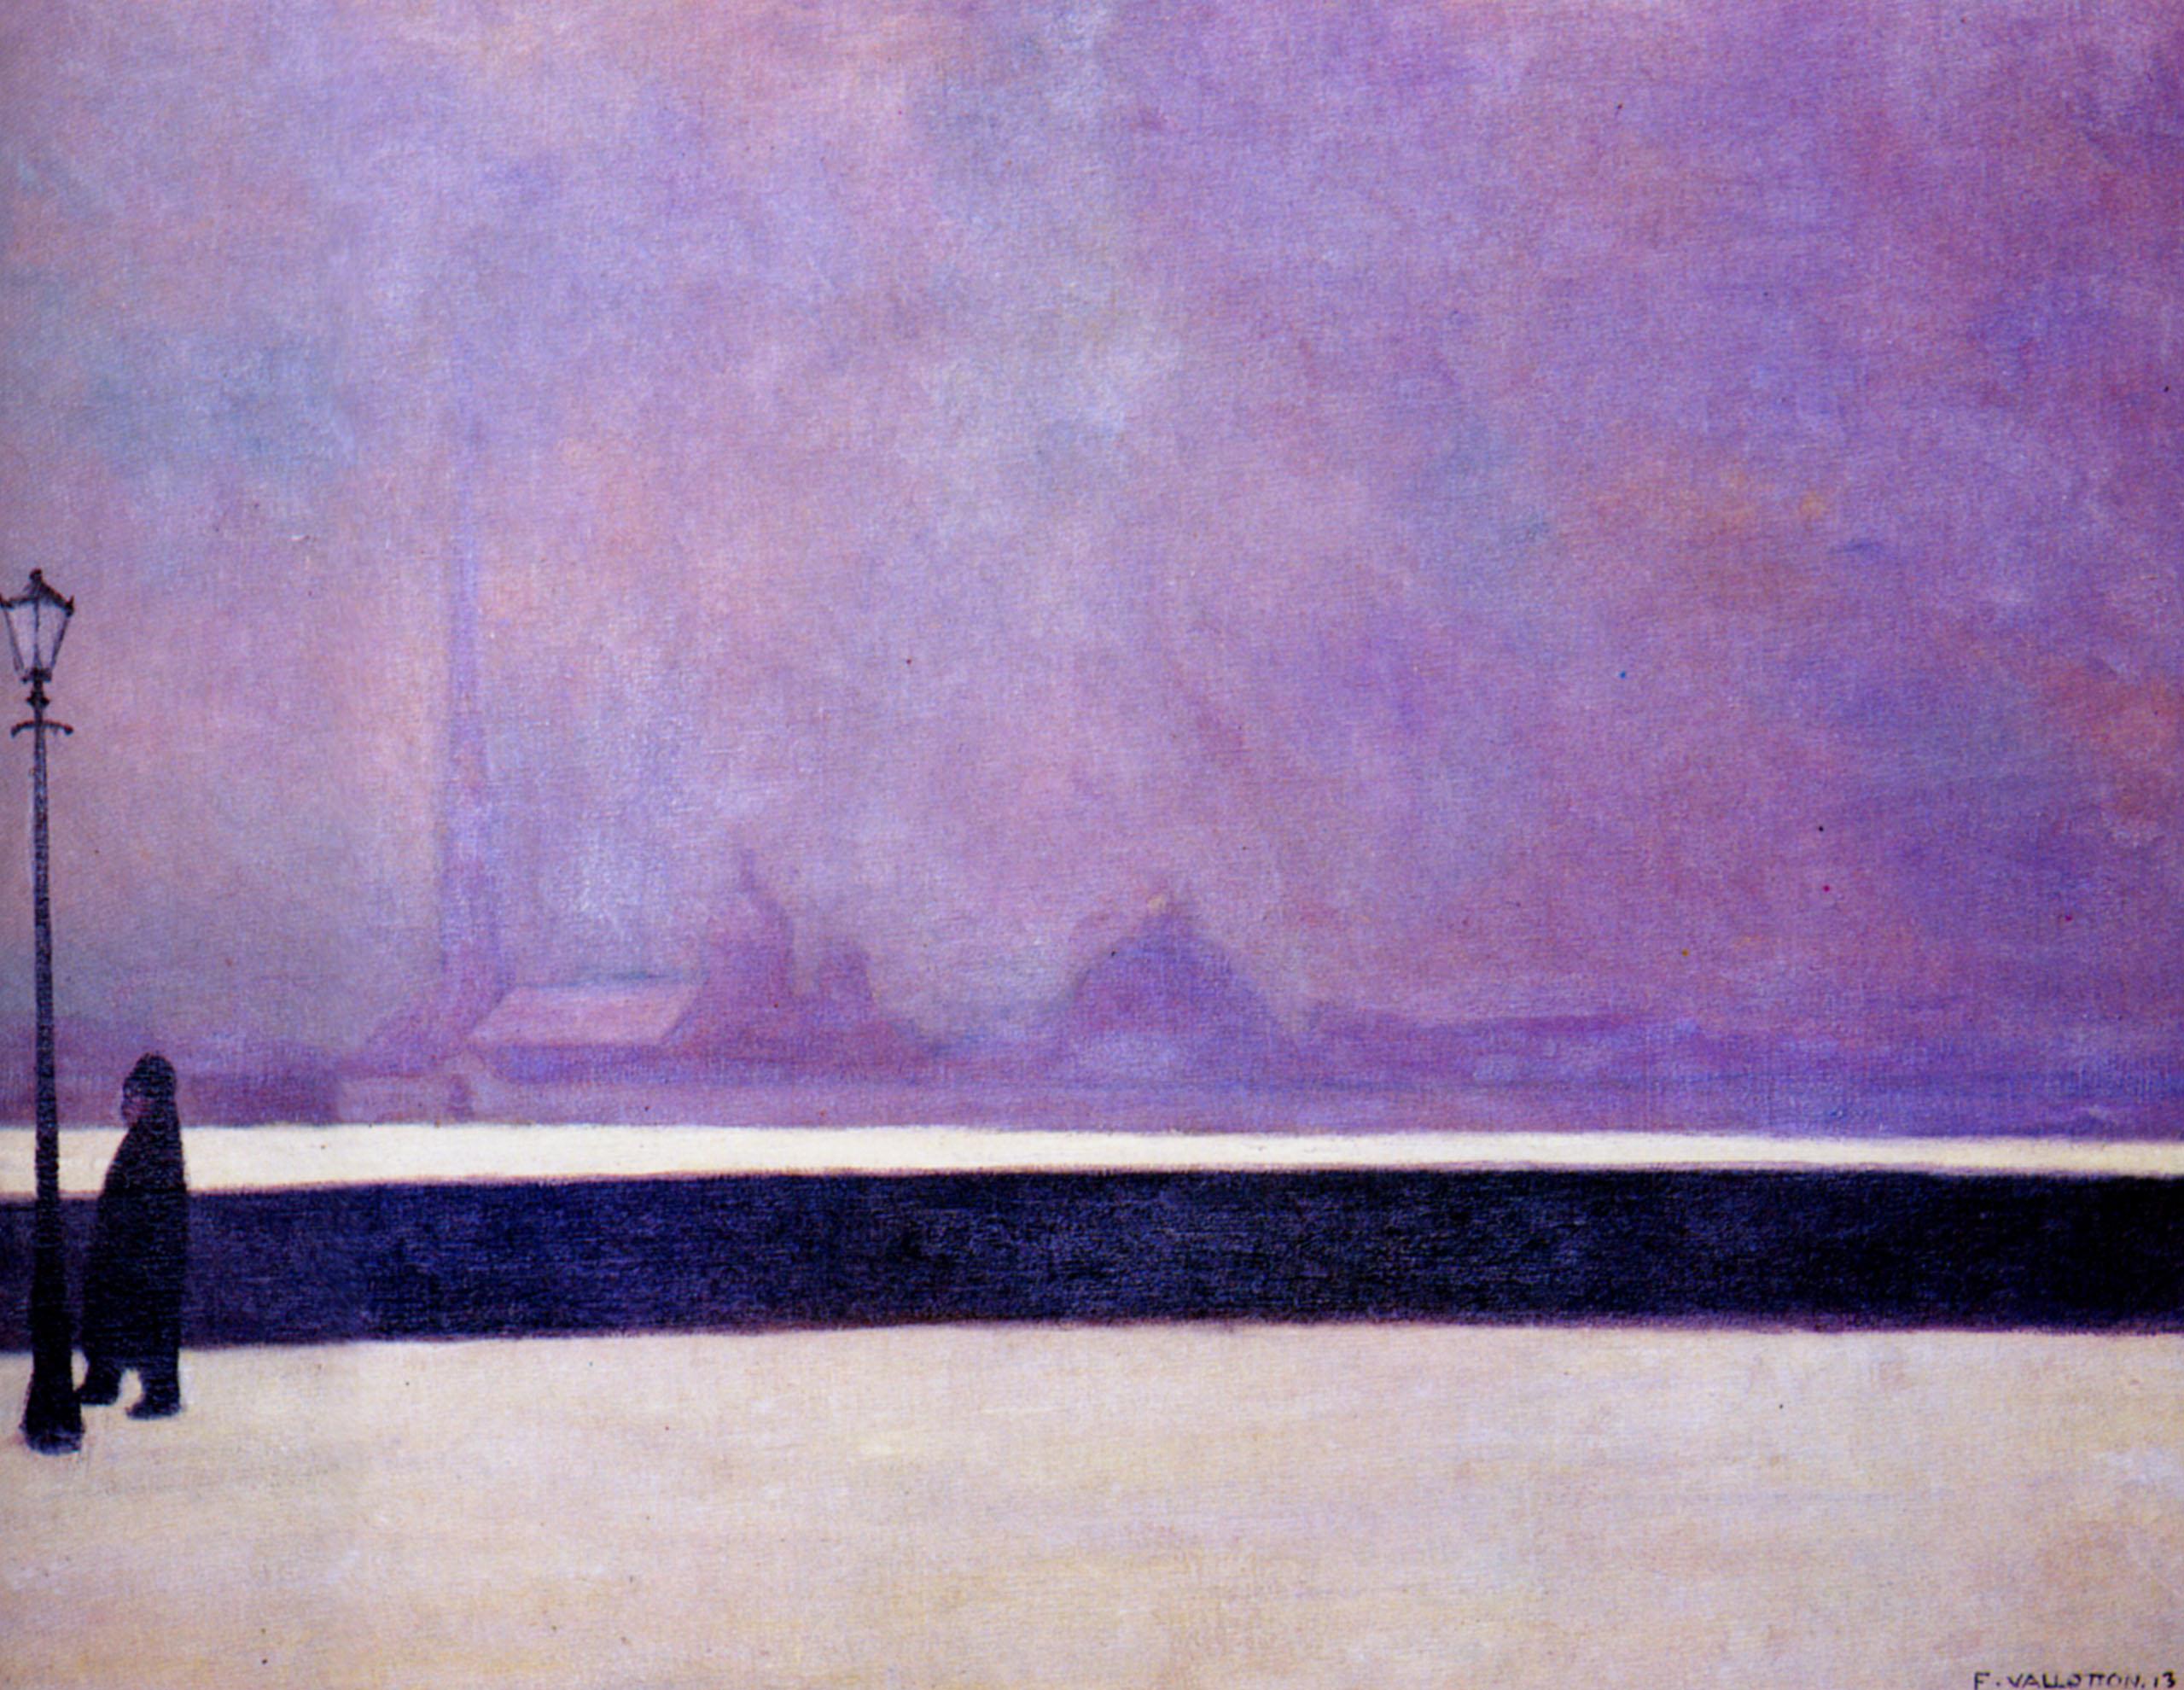 Феликс Валлоттон. Нева, легкий туман, 1913